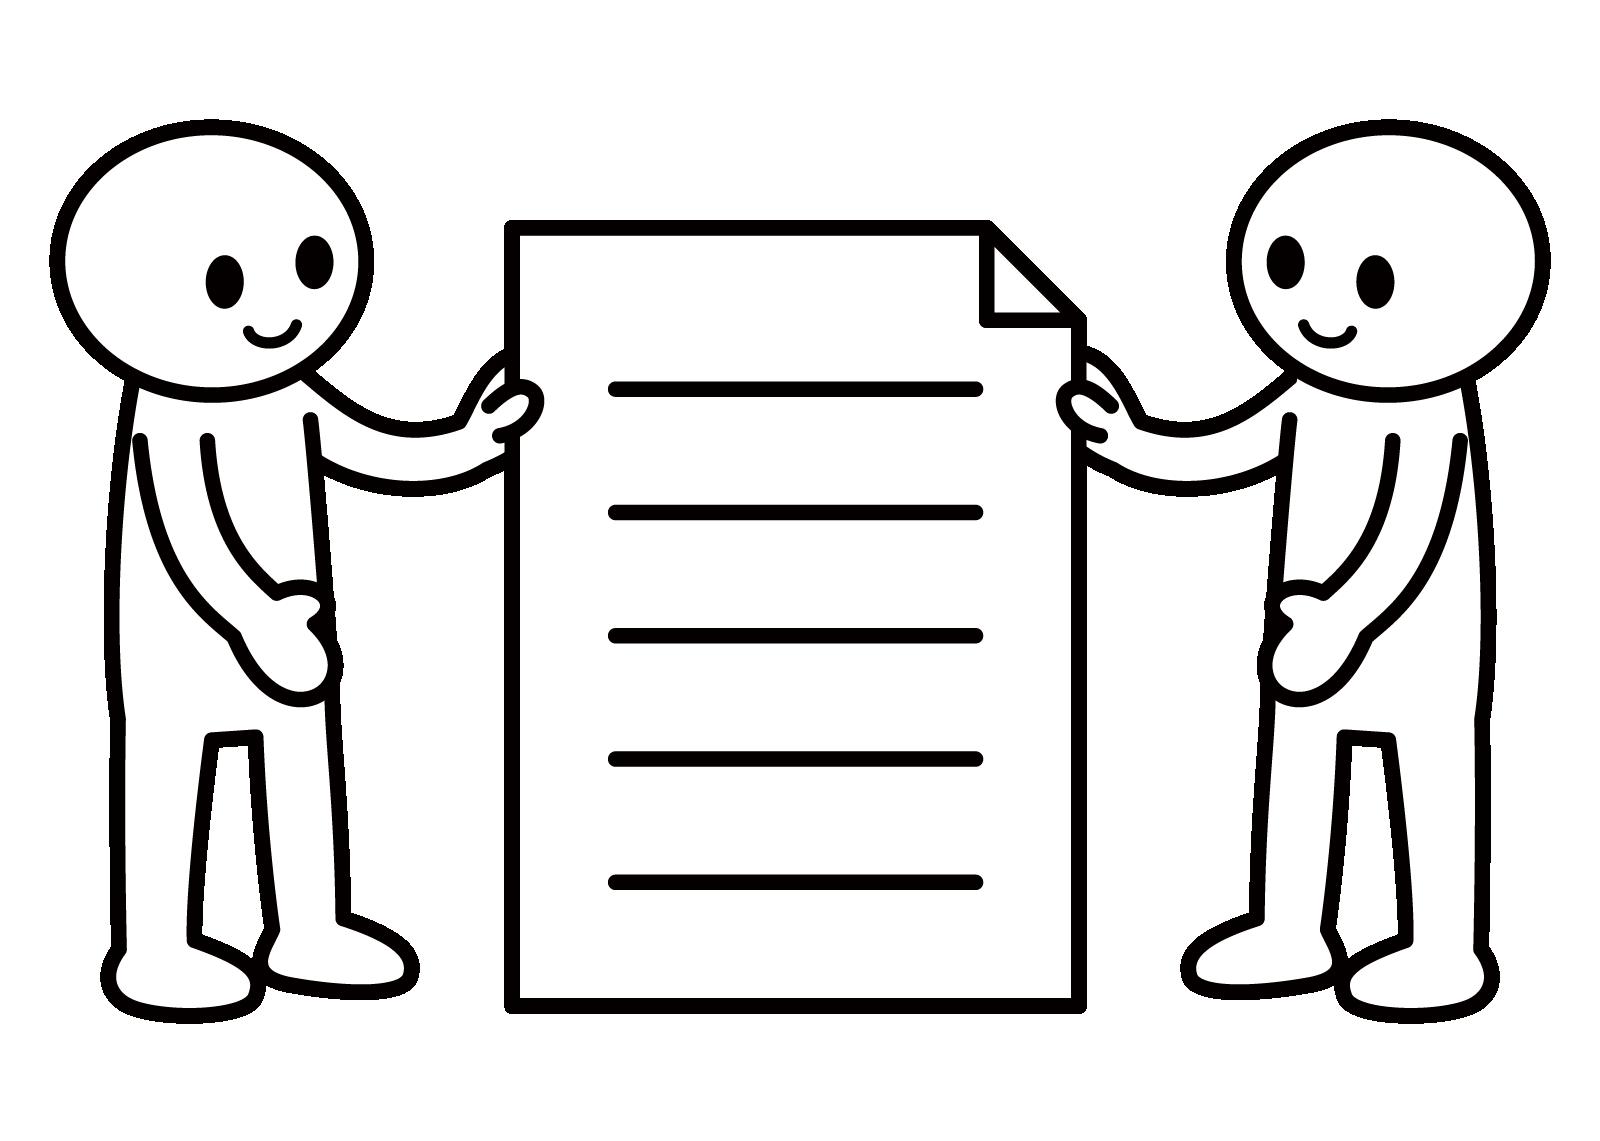 ファイル共有のフォルダ、ネットワーク設定